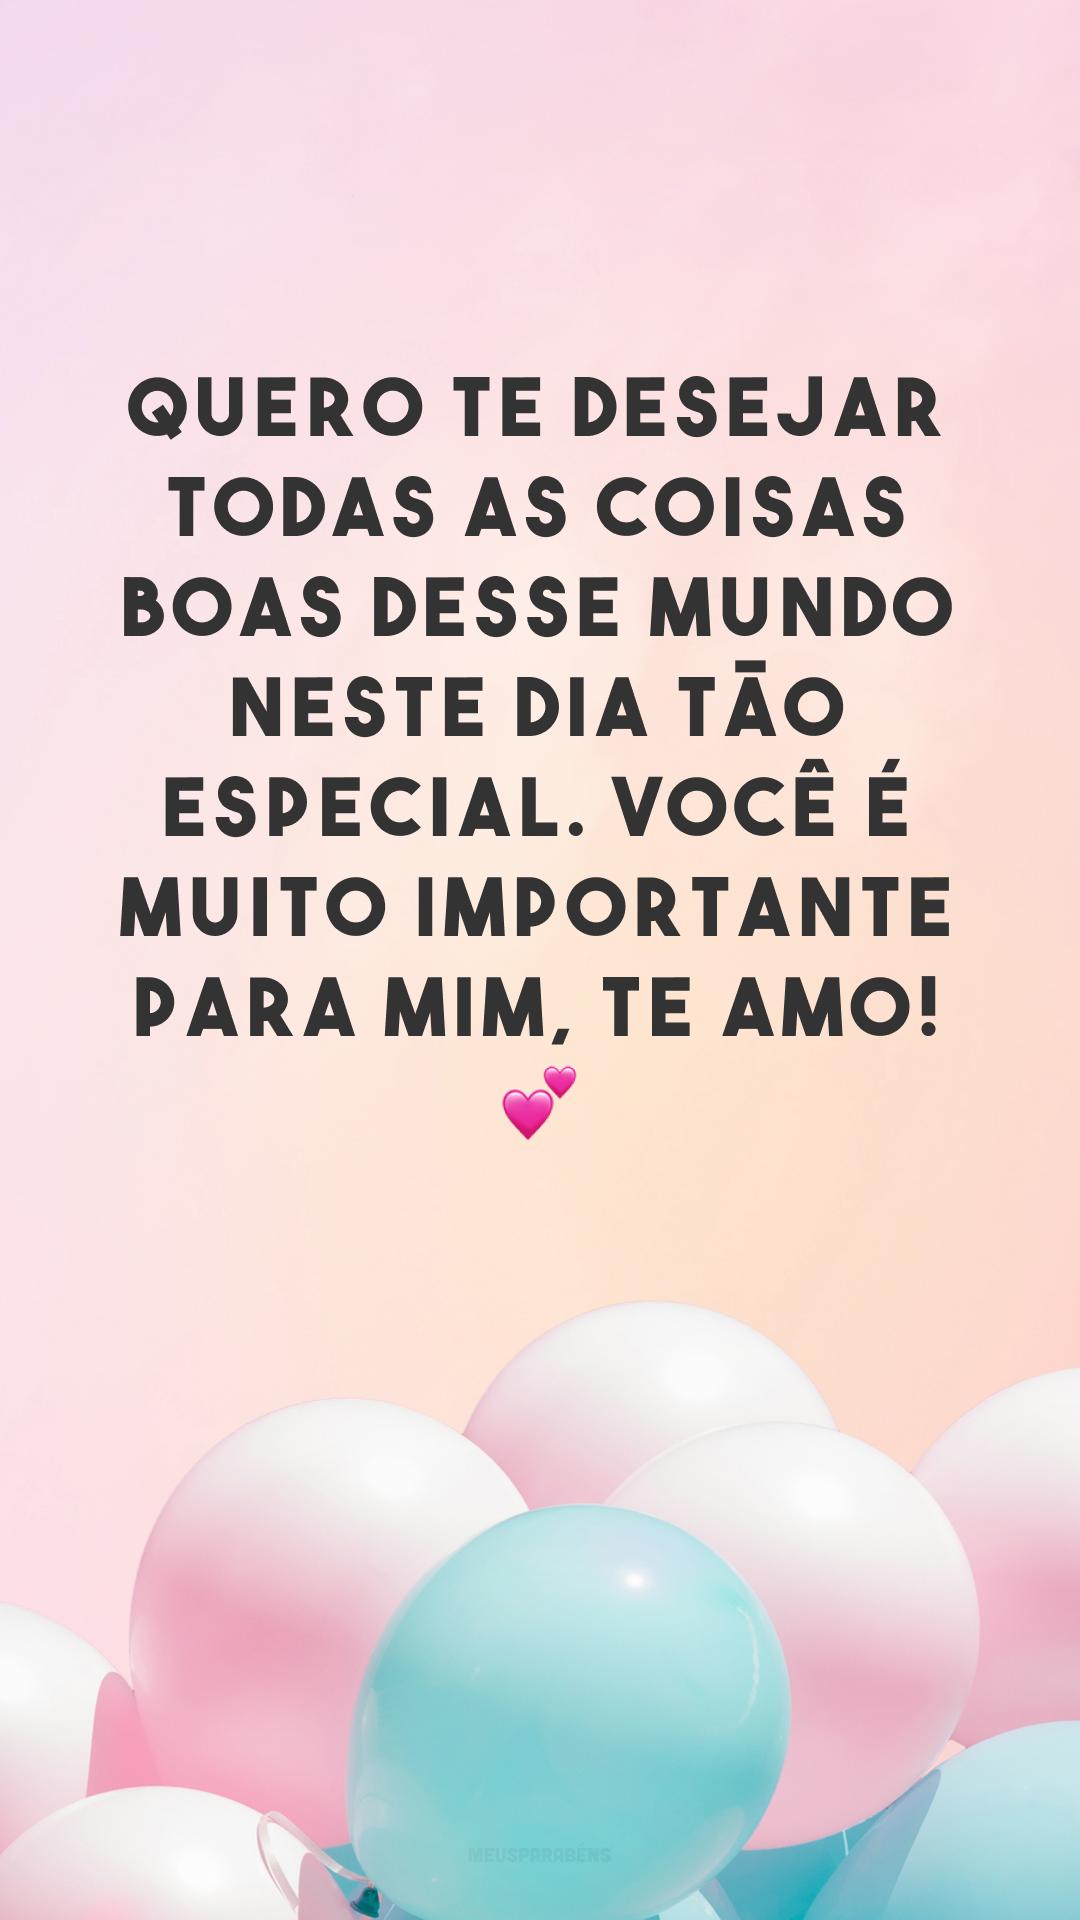 Quero te desejar todas as coisas boas desse mundo neste dia tão especial. Você é muito importante para mim, te amo! 💕